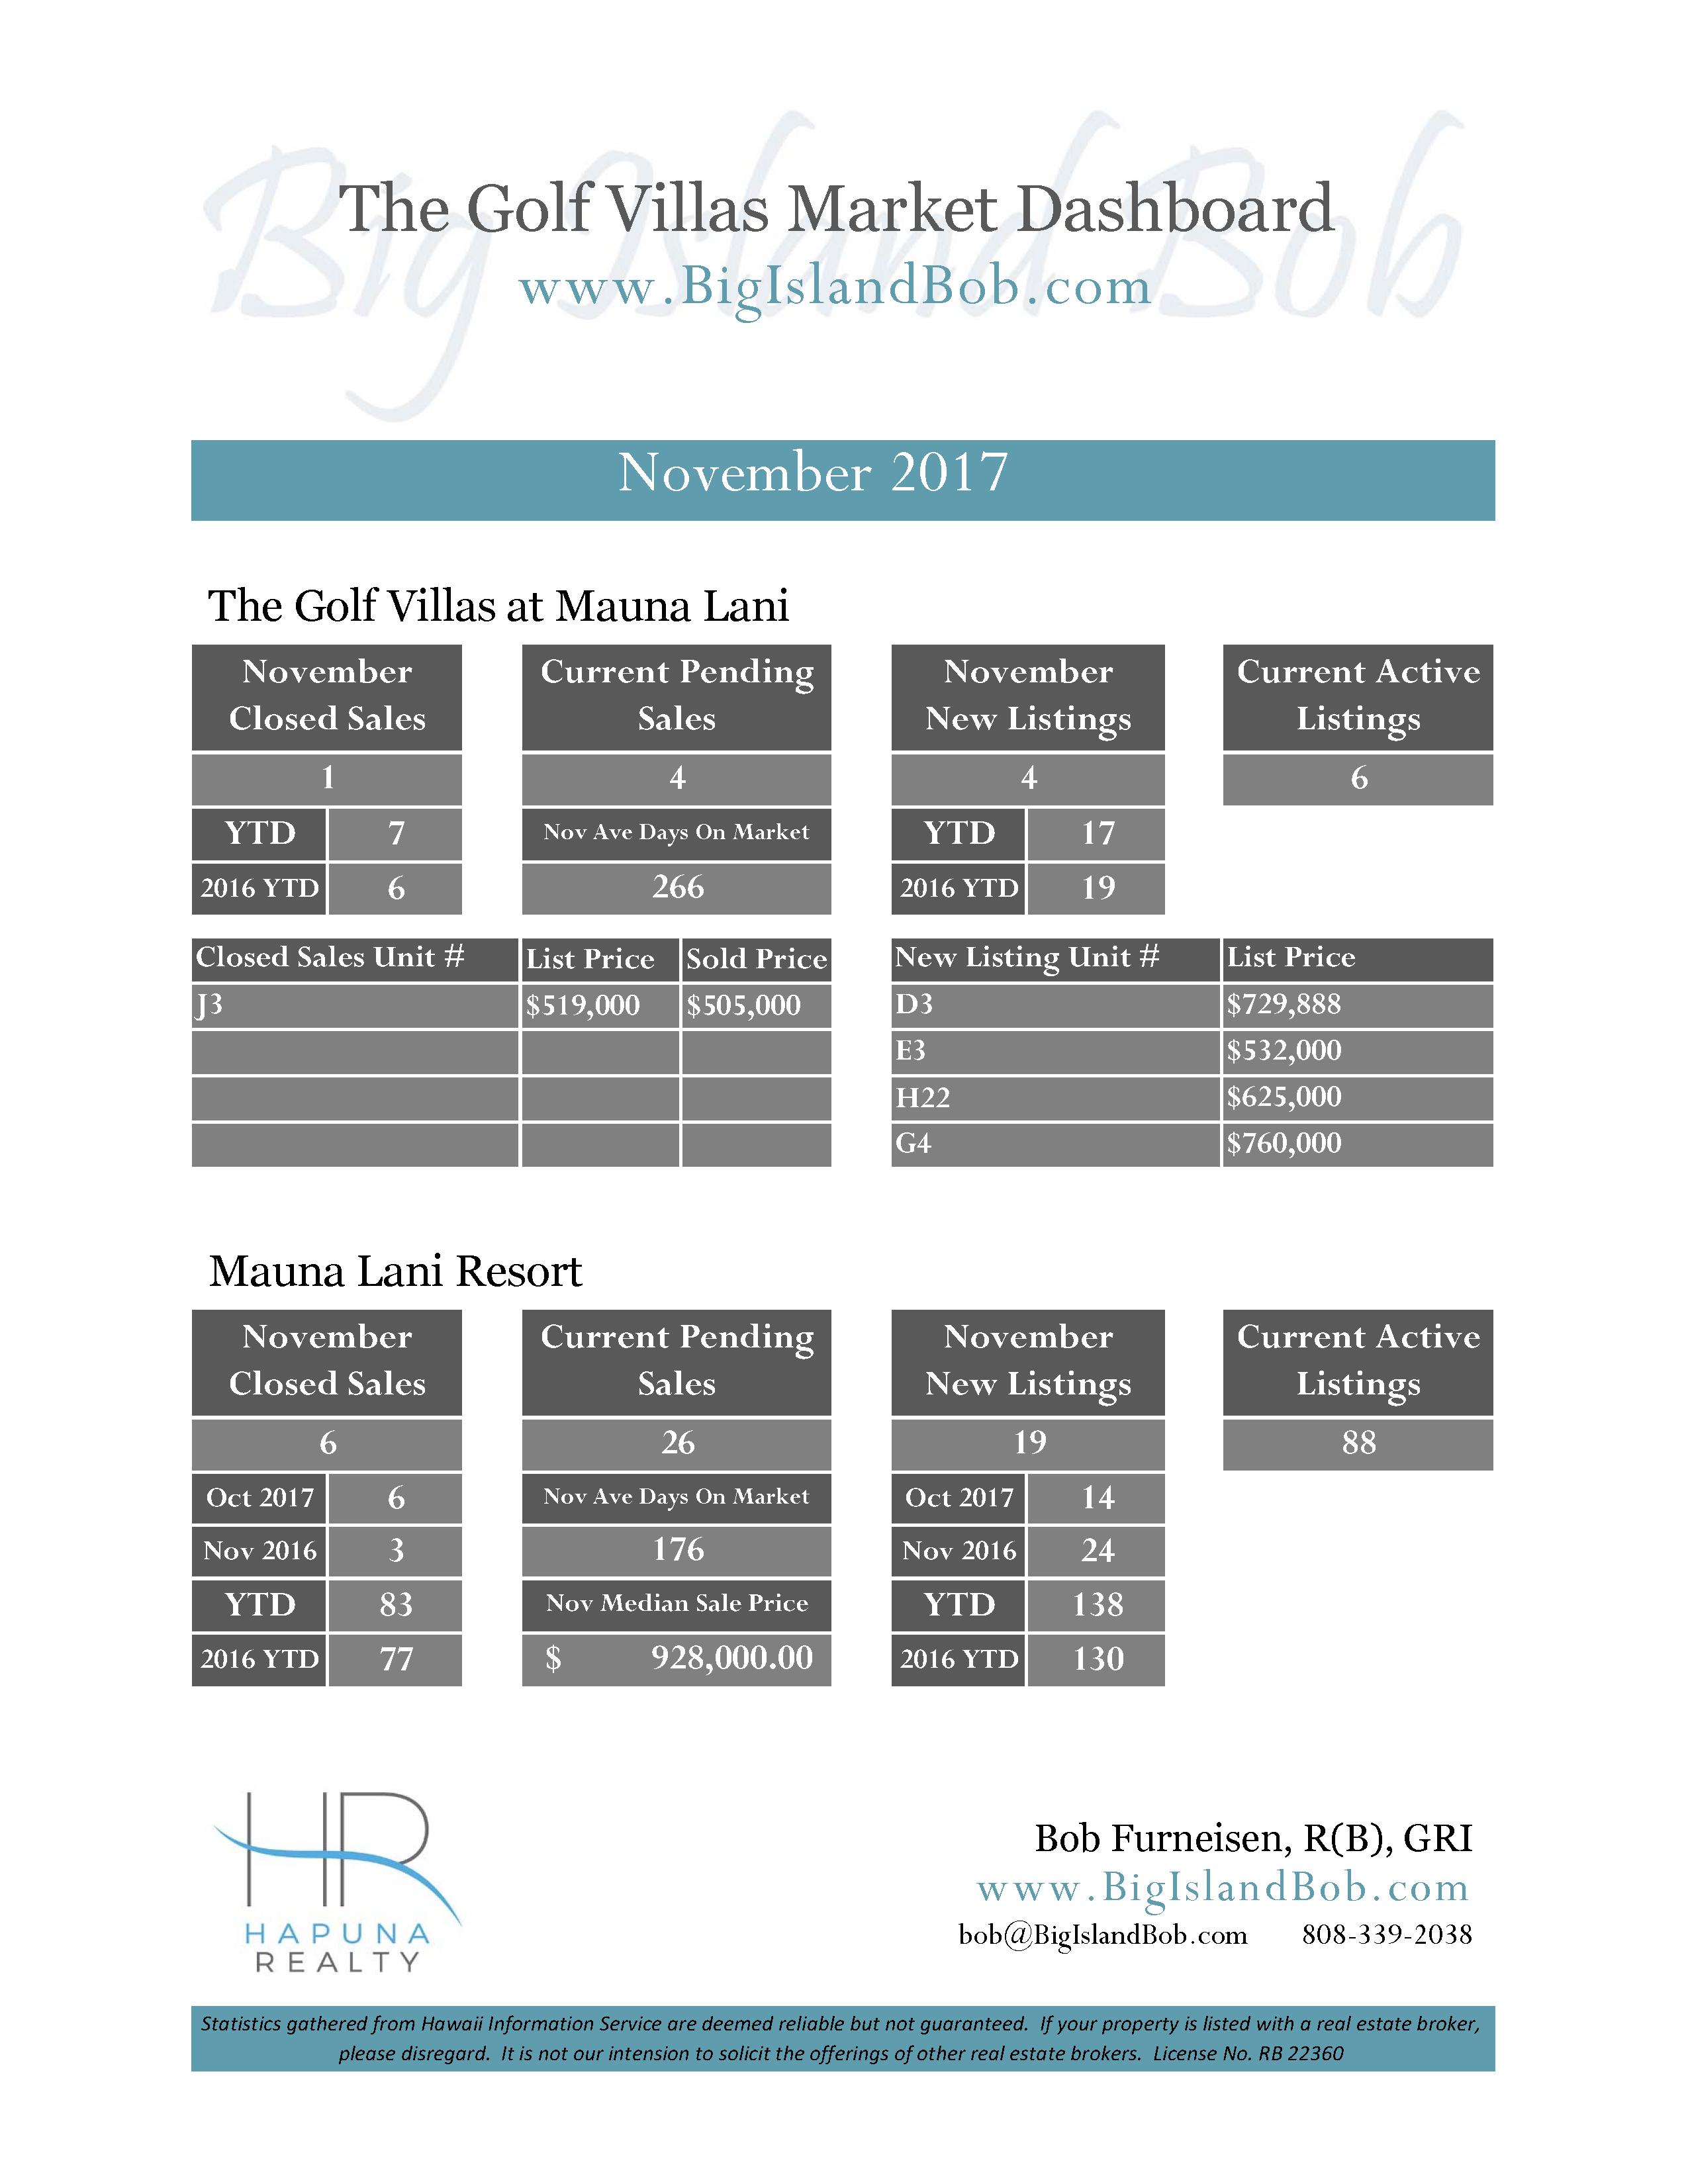 Golf Villas at Mauna Lani November 2017 Real Estate Market Dashboard